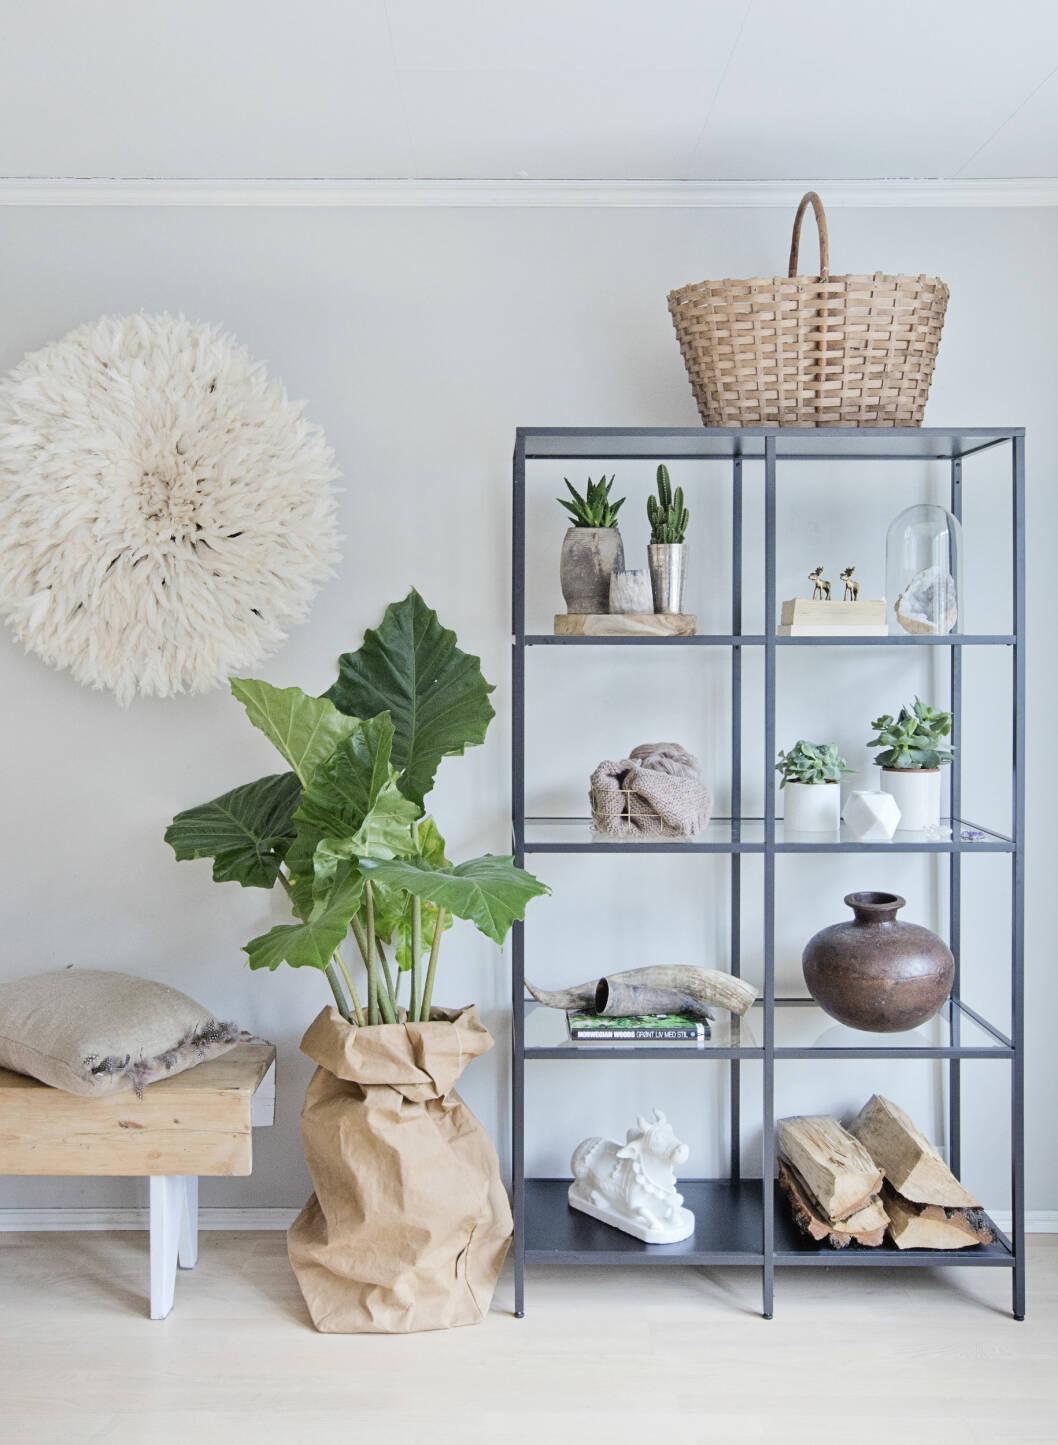 INSPIRASJON: En pose i ubleket papir blir et perfekt sted for de grønne plantene, og lek deg med treverk du finner ute. Foto: Jorunn Tharaldsen